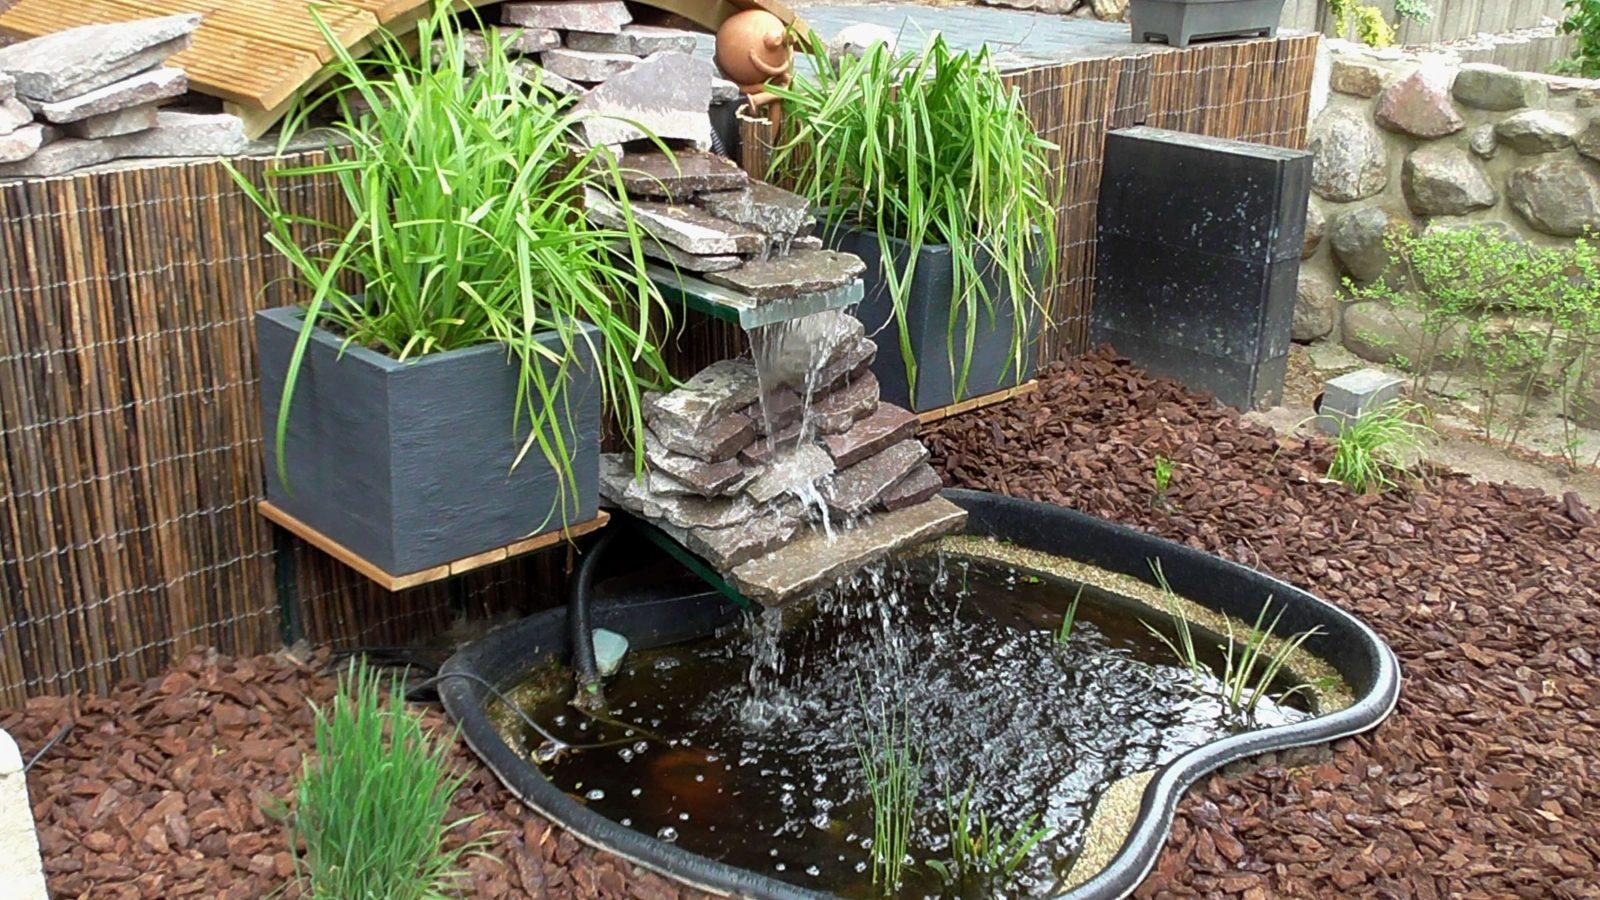 Wasserfall Garten Bauen Anleitung Neu Bachlauf Selber Anlegen Probe von Wasserfall Garten Bauen Anleitung Photo